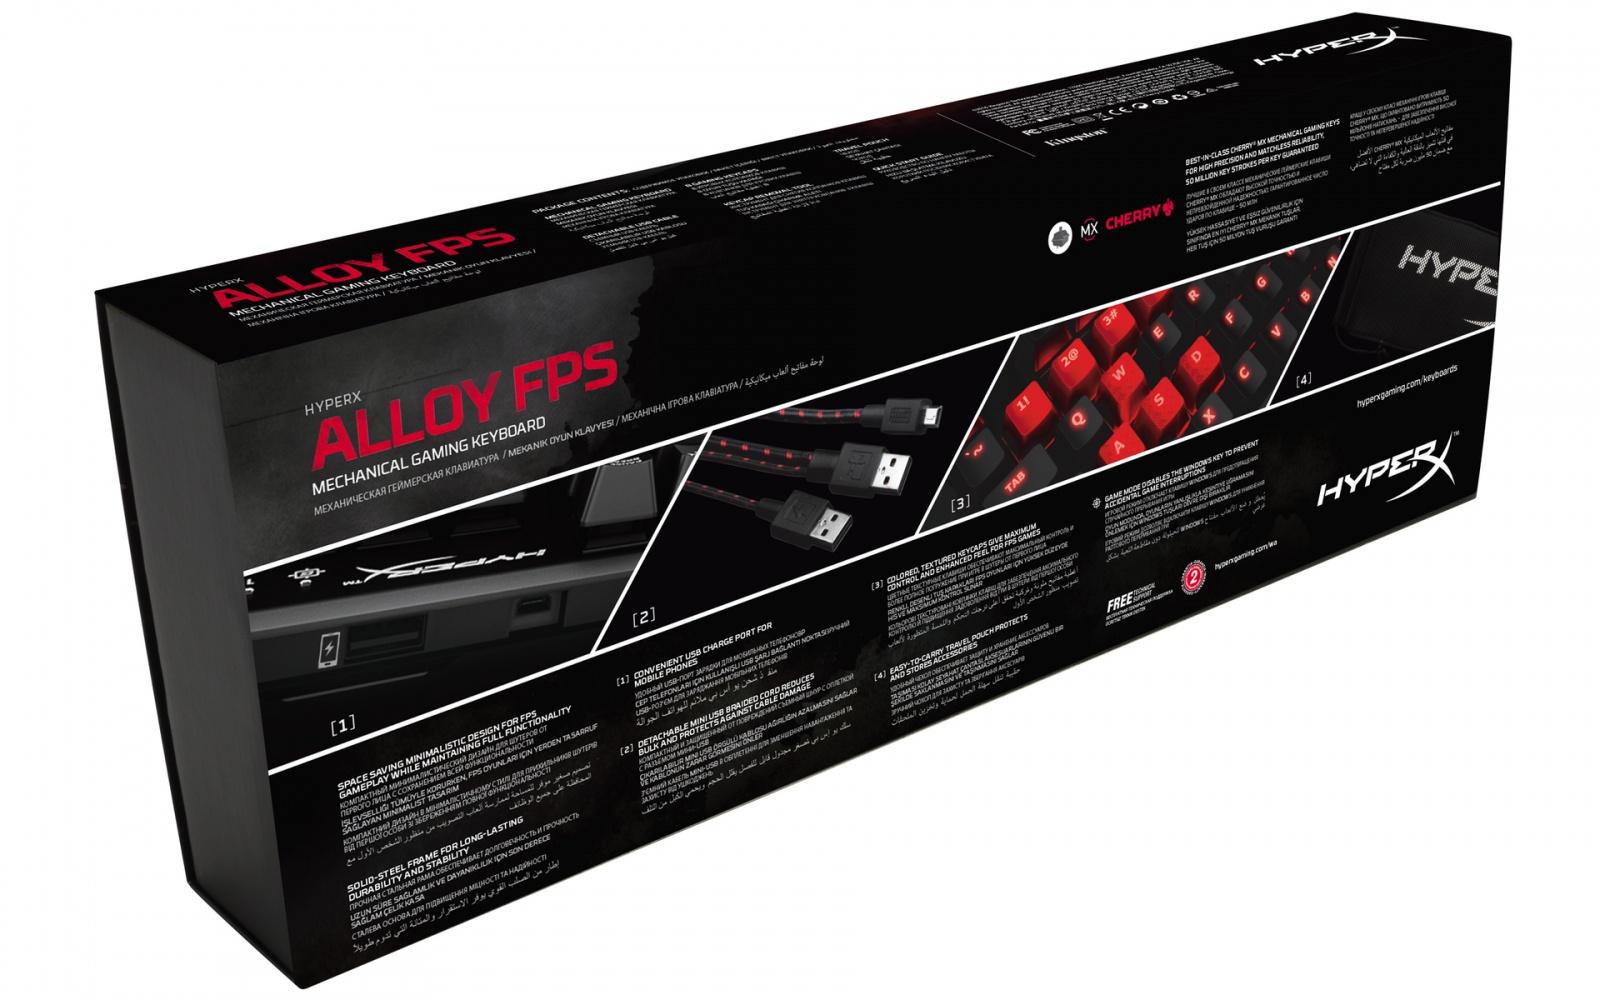 HyperX Alloy FPS — Красный, синий, коричневый — выбирай себе любой - 5